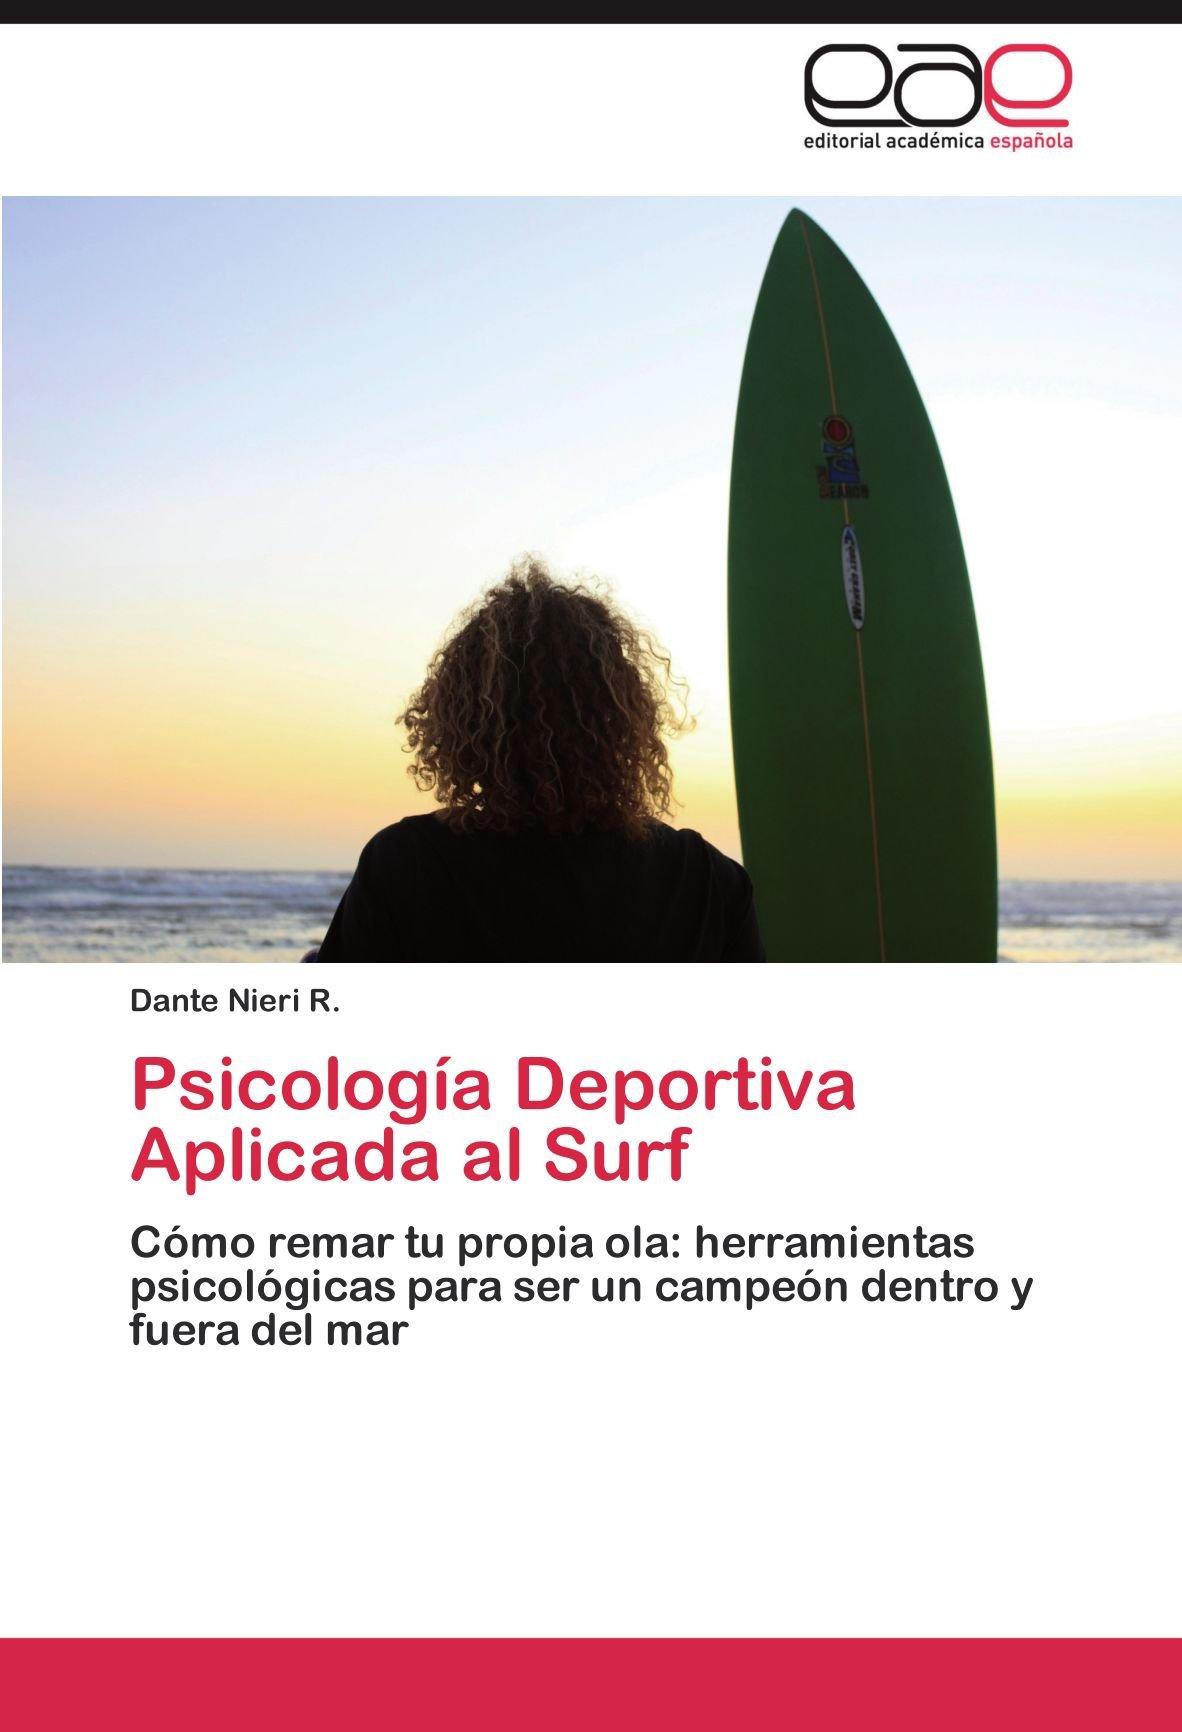 Psicología Deportiva Aplicada al Surf: Amazon.es: Nieri R. Dante: Libros